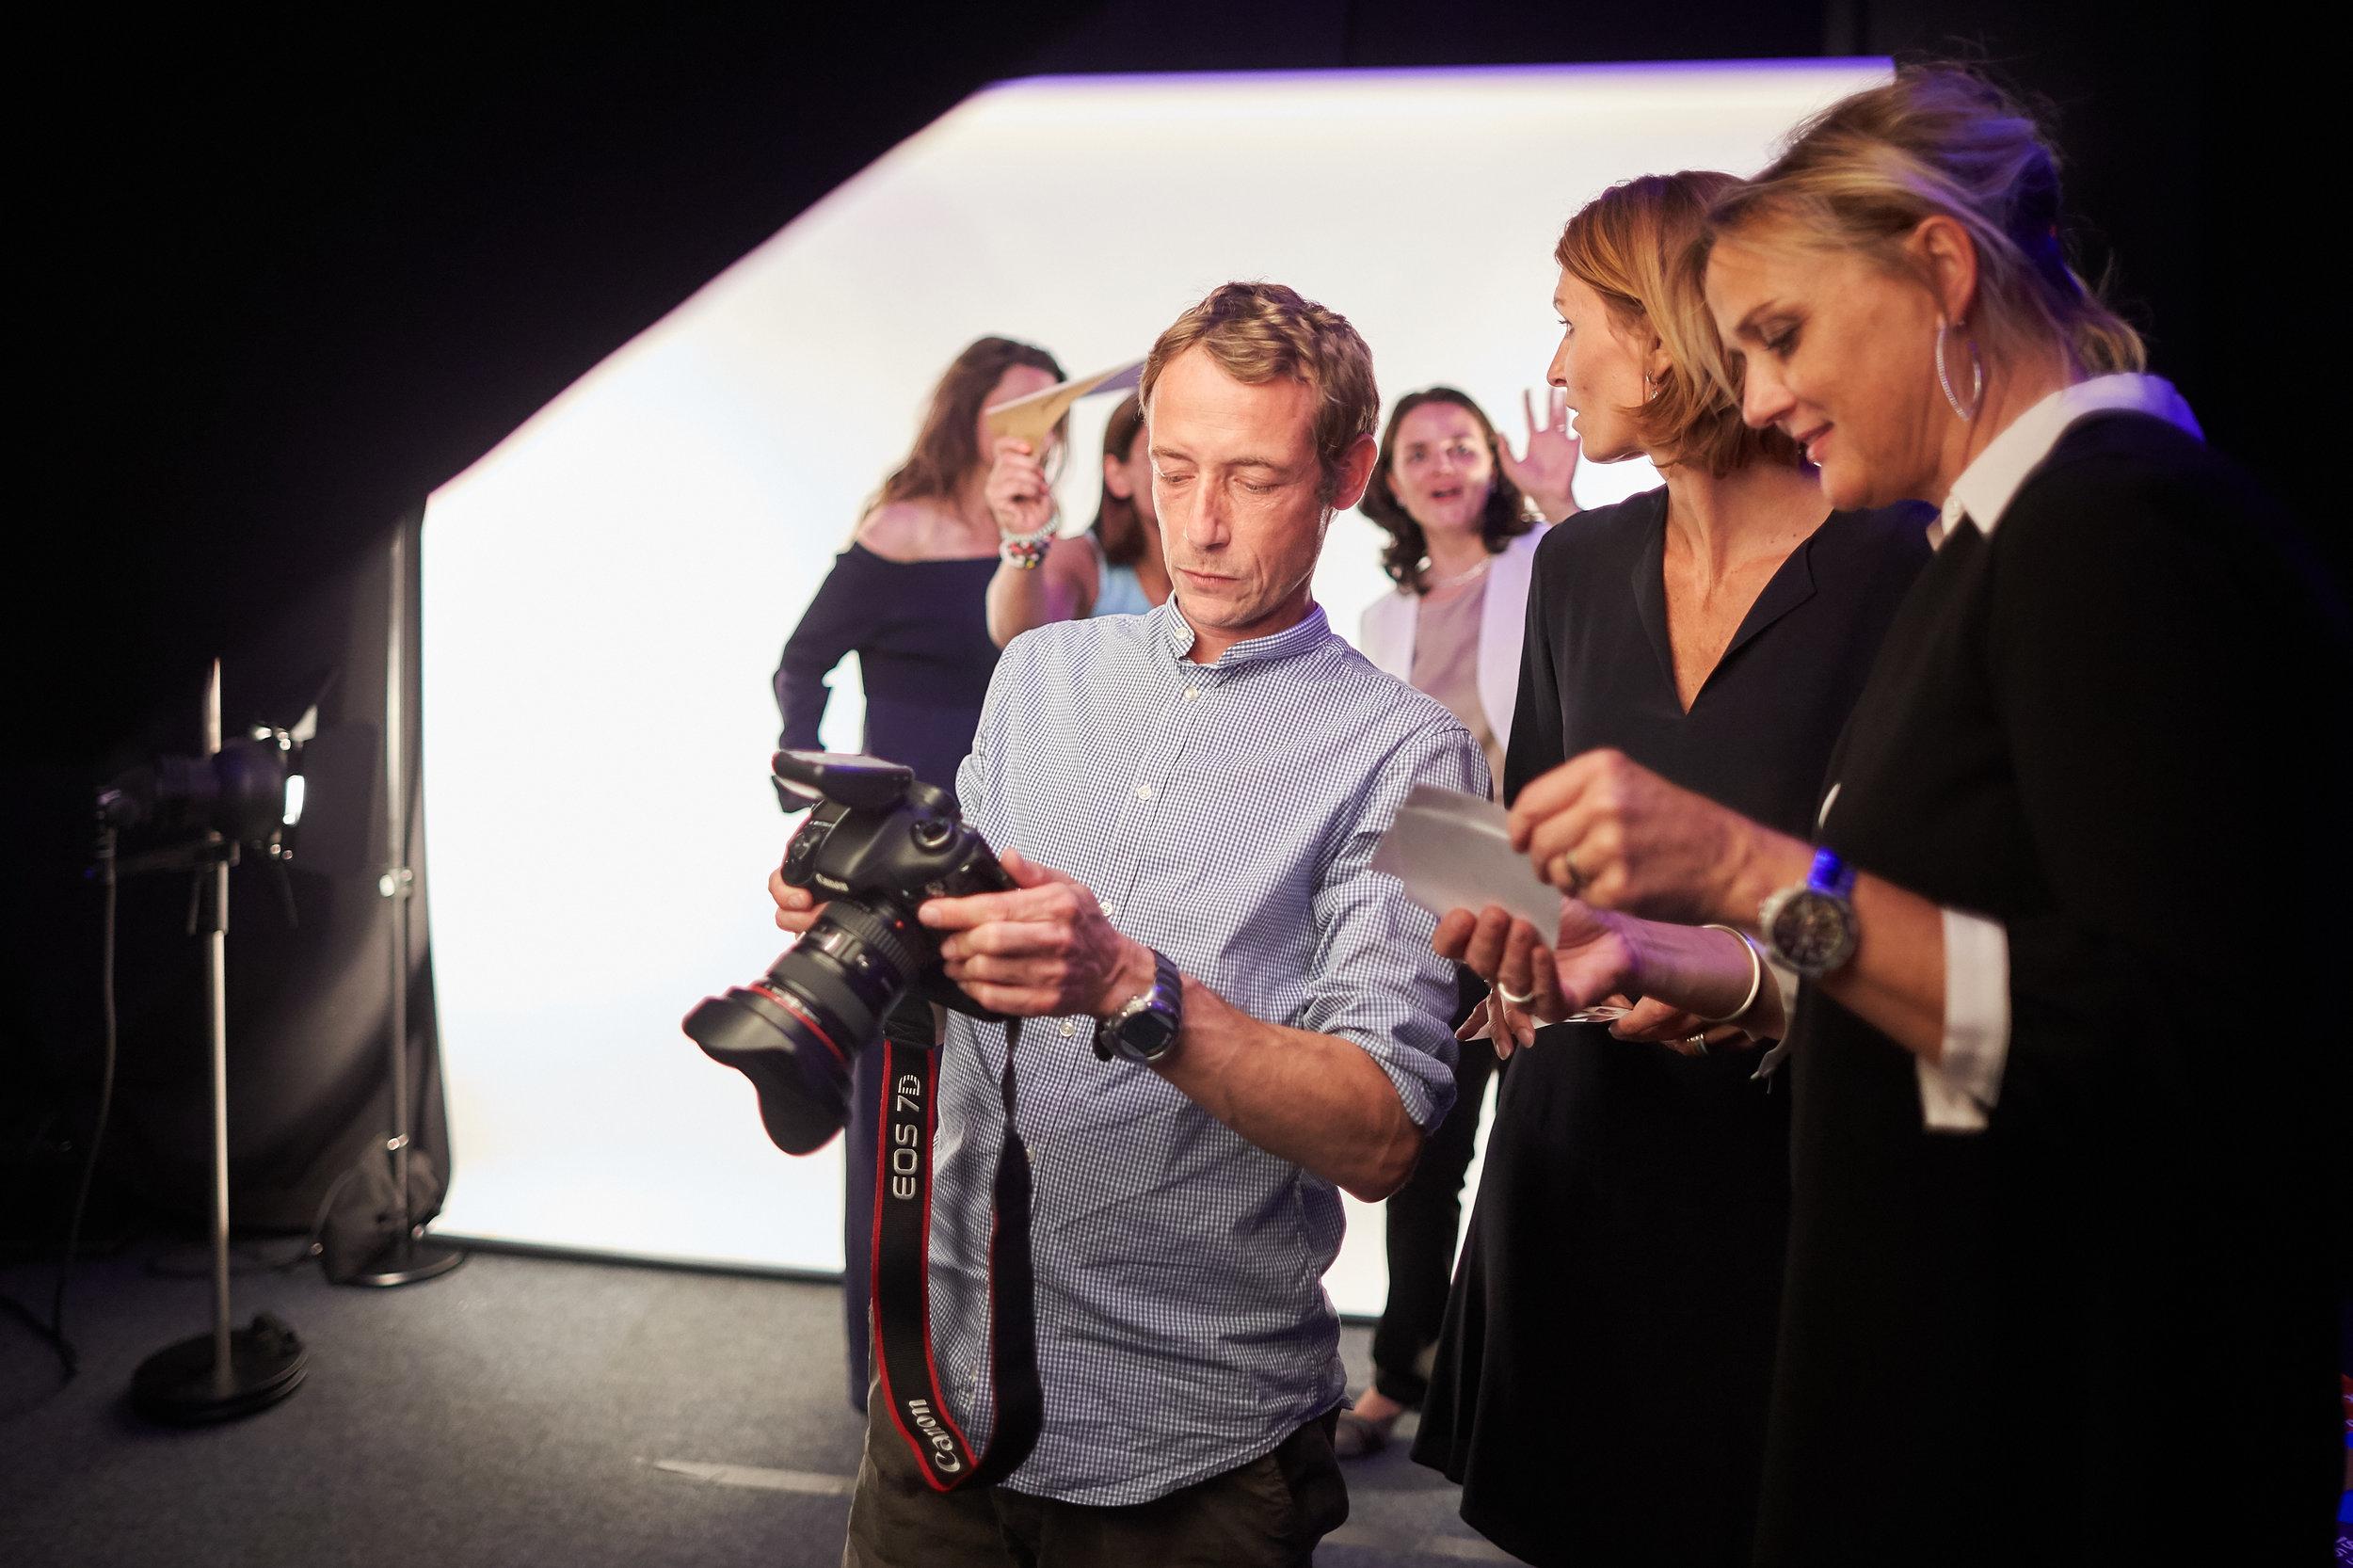 Gäste haben bei der shoot and print Station die Gelegenheit, ihr Lieblingsfoto, das ausgedruckt werden soll, auszuwählen.